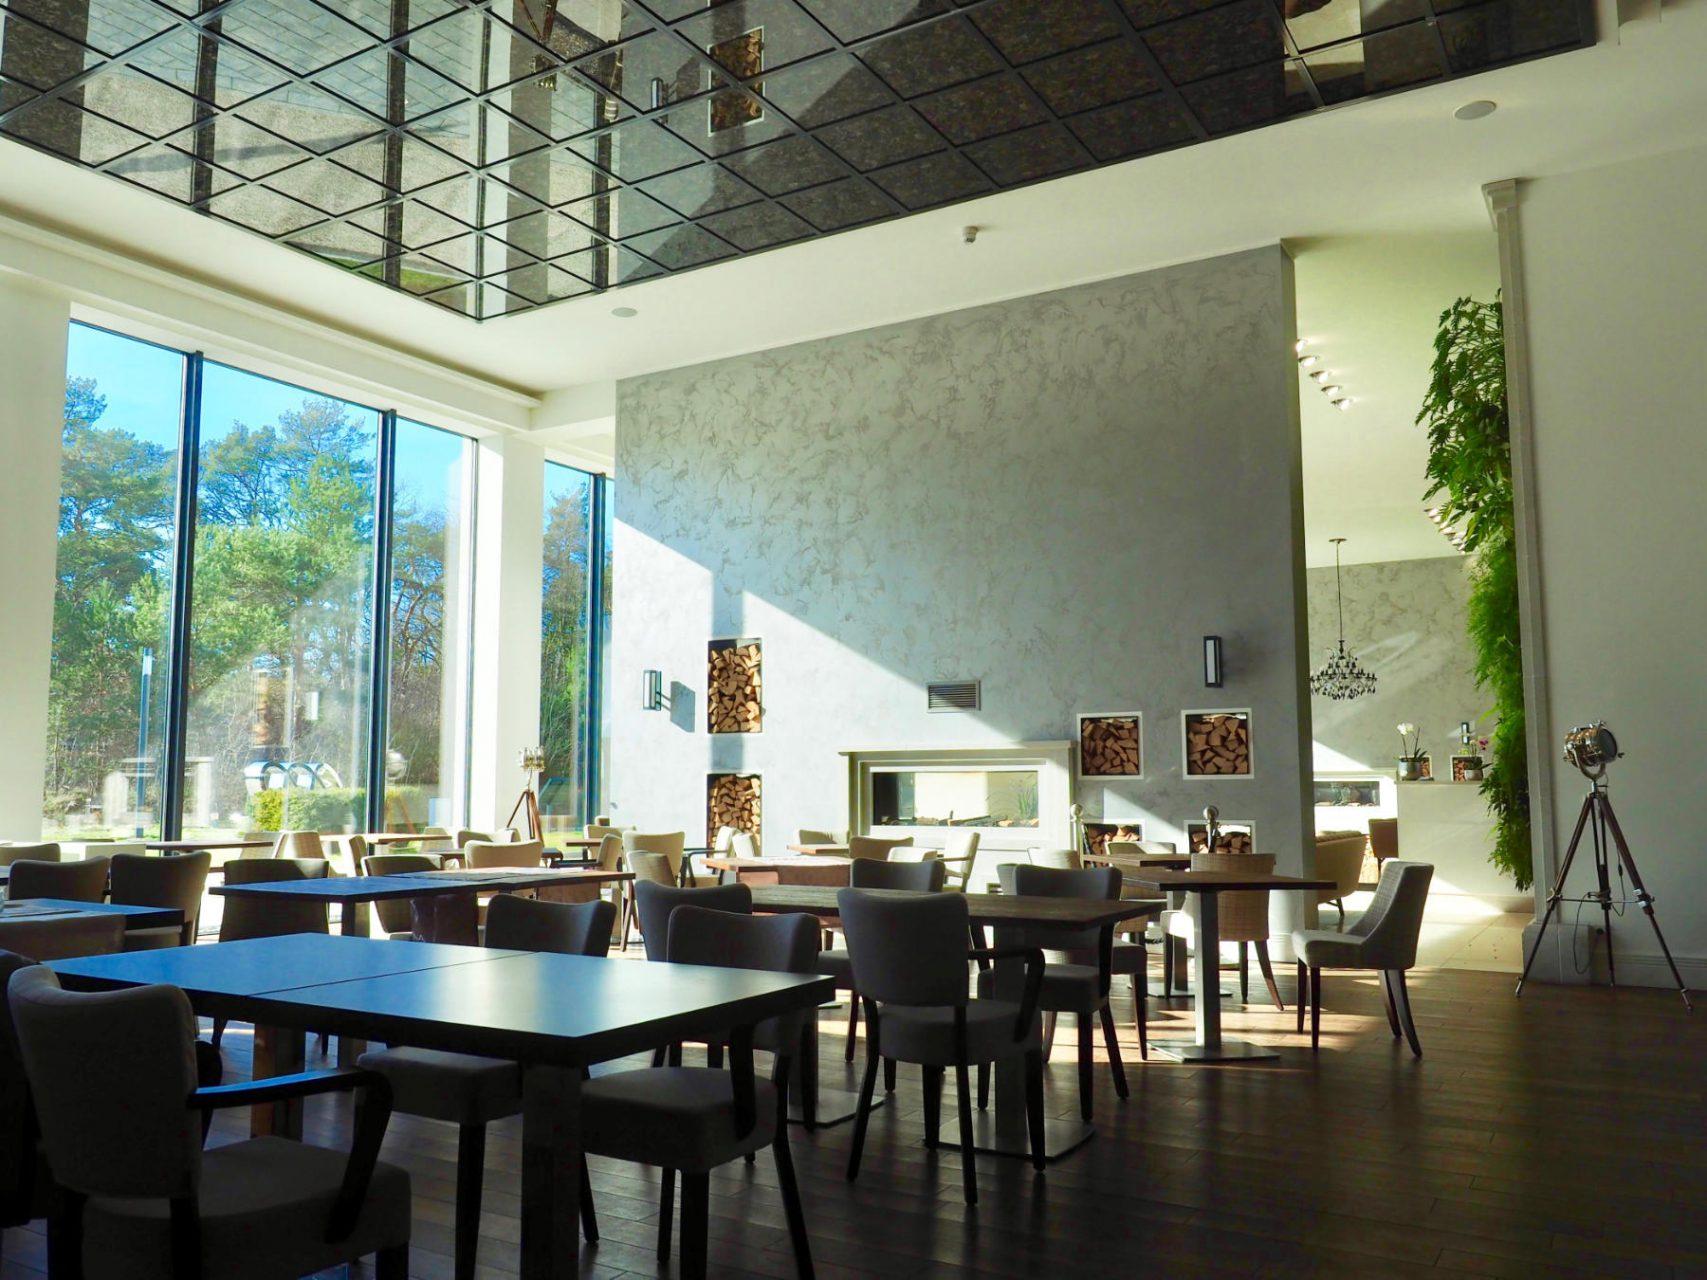 Speisesaal. Rund siebzig Gäste können sich hier bewirten lassen.